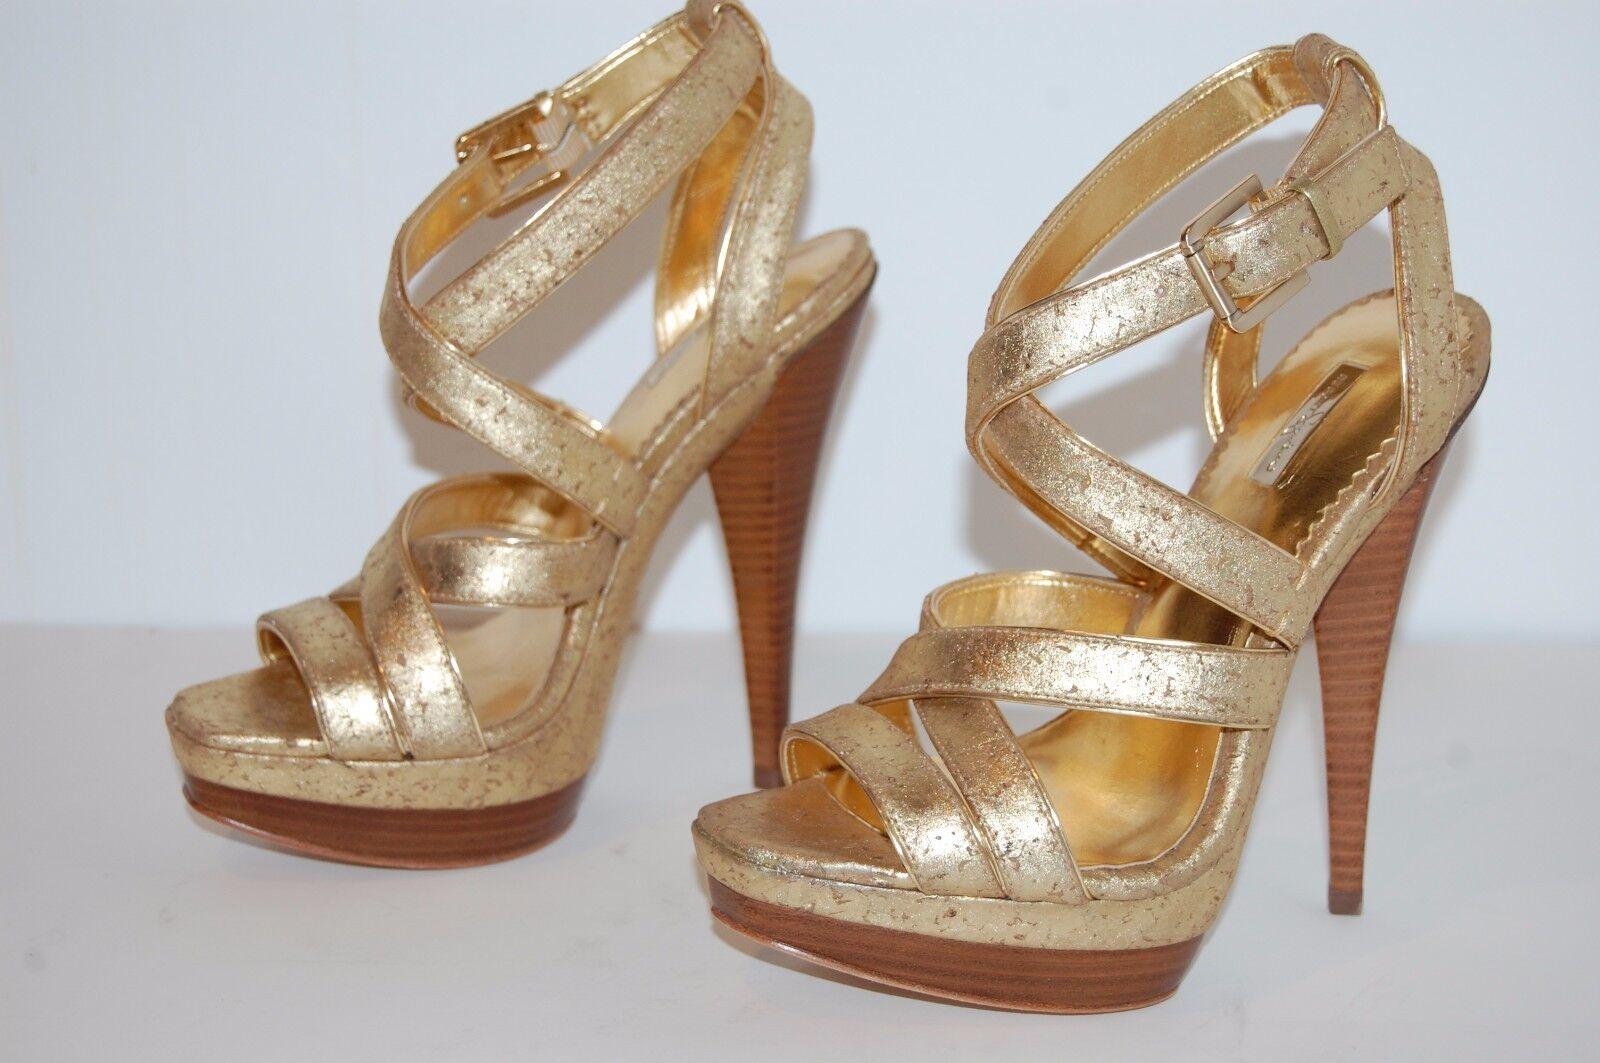 Report Signature Glam oro Metálico Metálico Metálico Taco Alto Plataforma Zapatos De Salón Talla 7.5  mejor calidad mejor precio